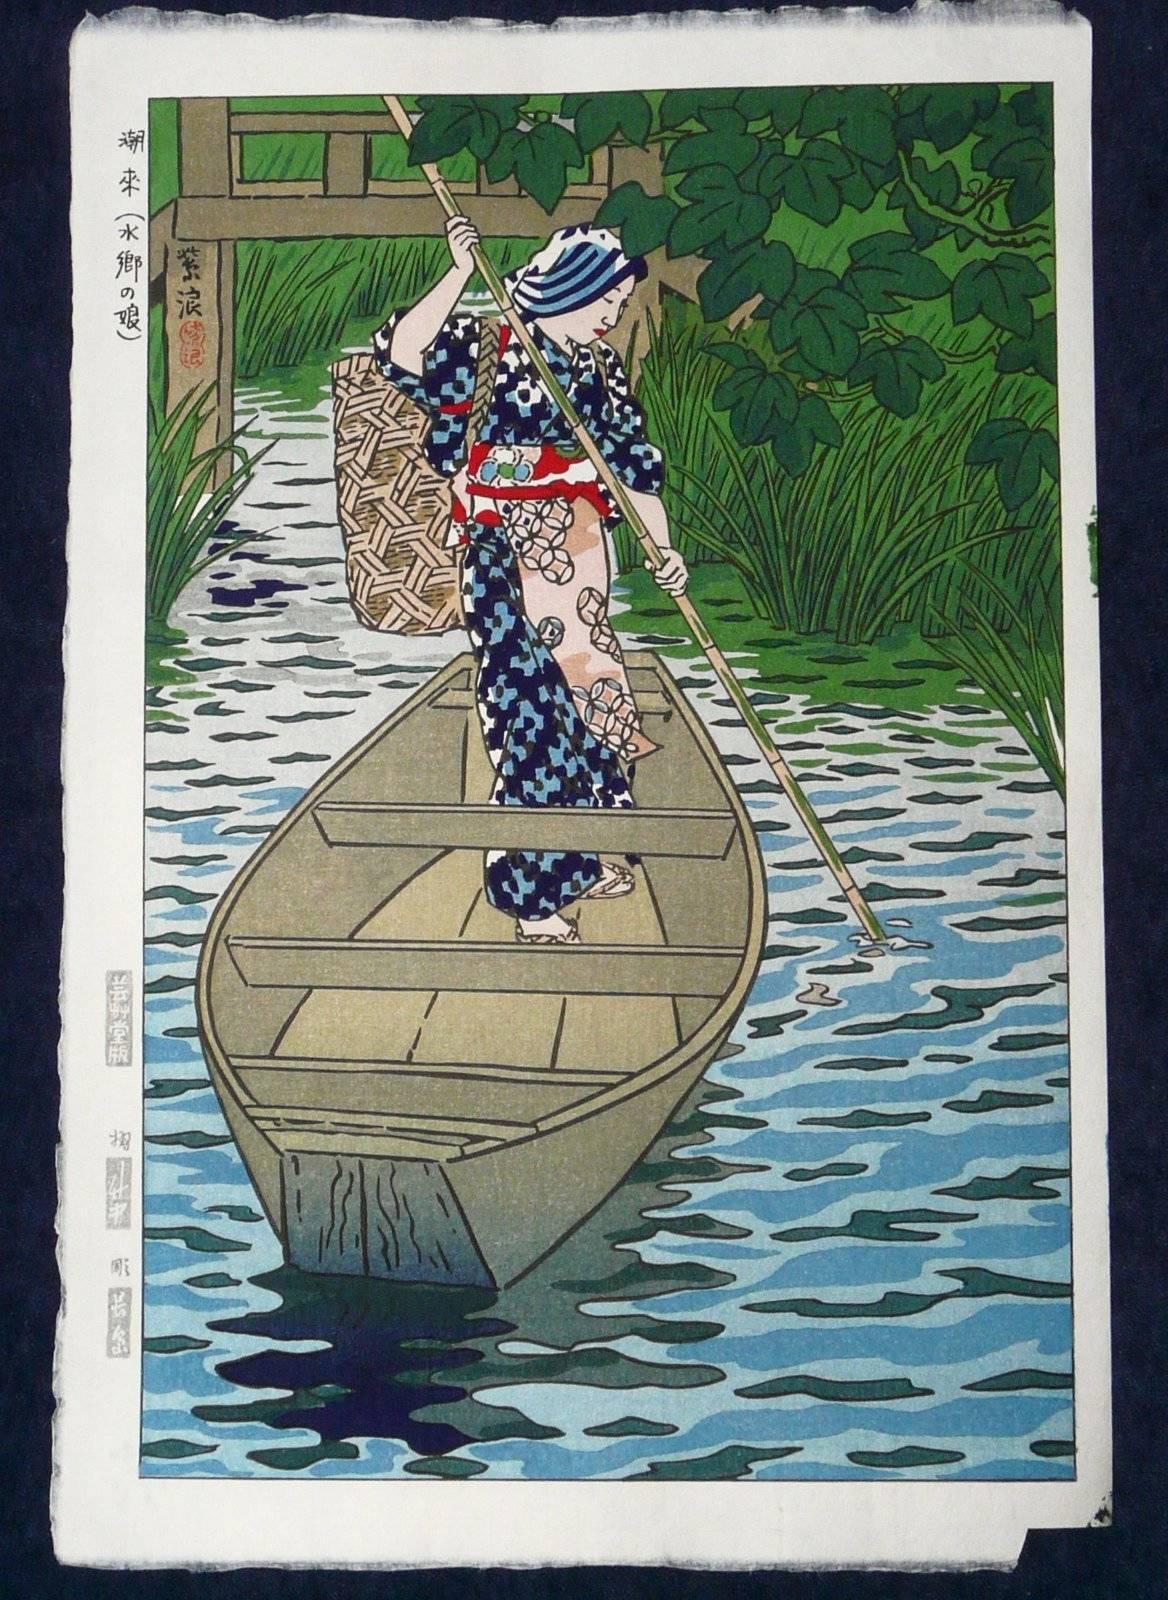 SHIRO KASAMATSU: #P4093 ITAKO, THE LAKESIDE VILLAGE